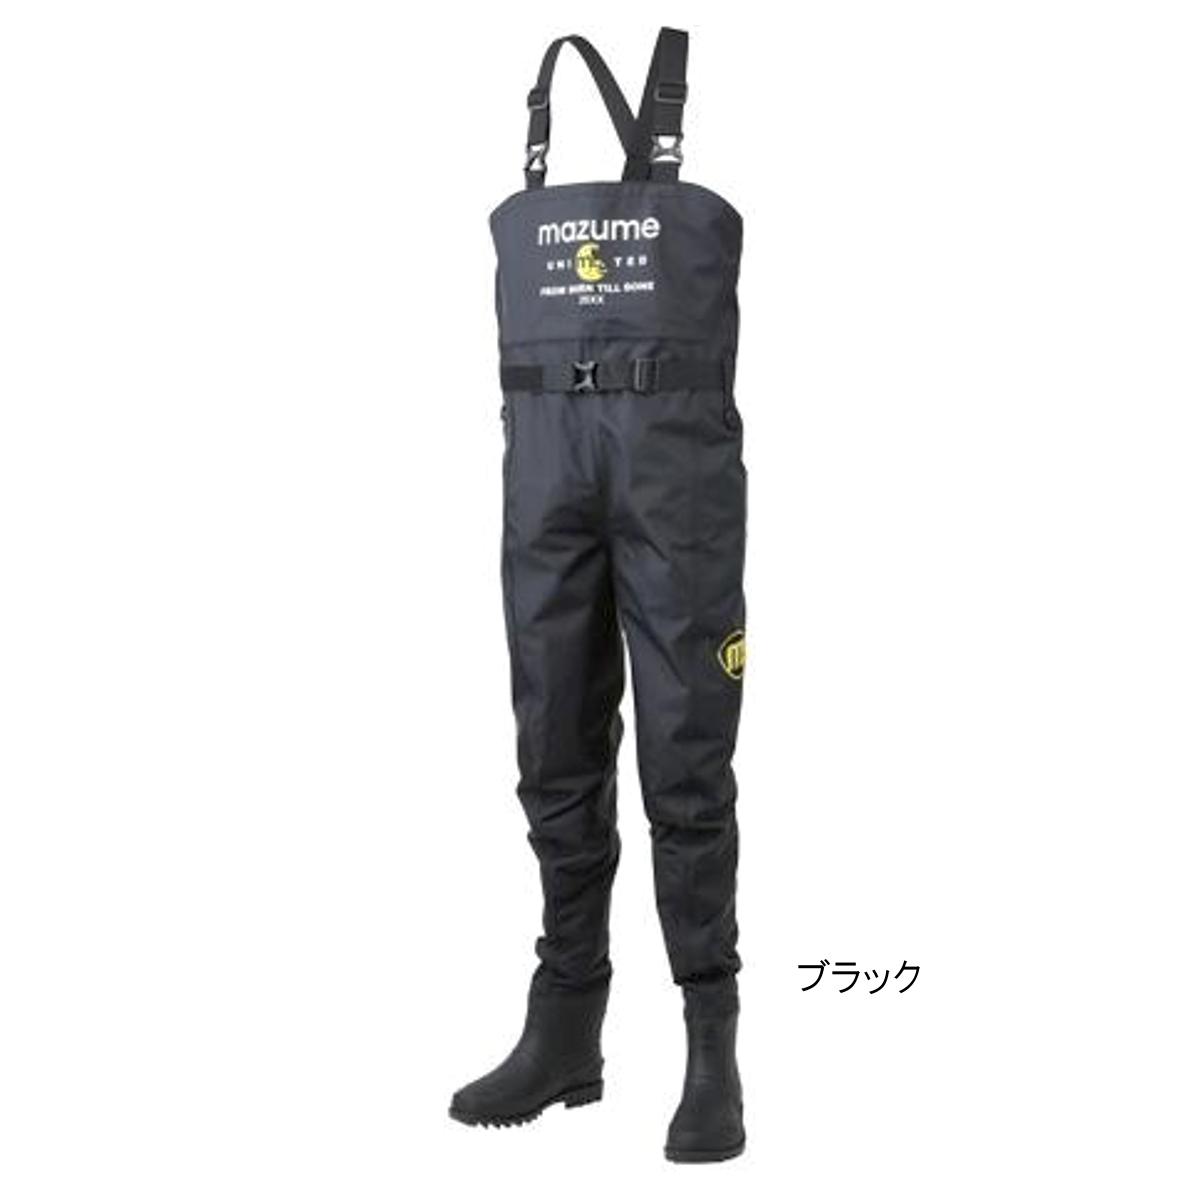 mazume ゲームウェイダー サーフスペシャル MZBF-404 M ブラック